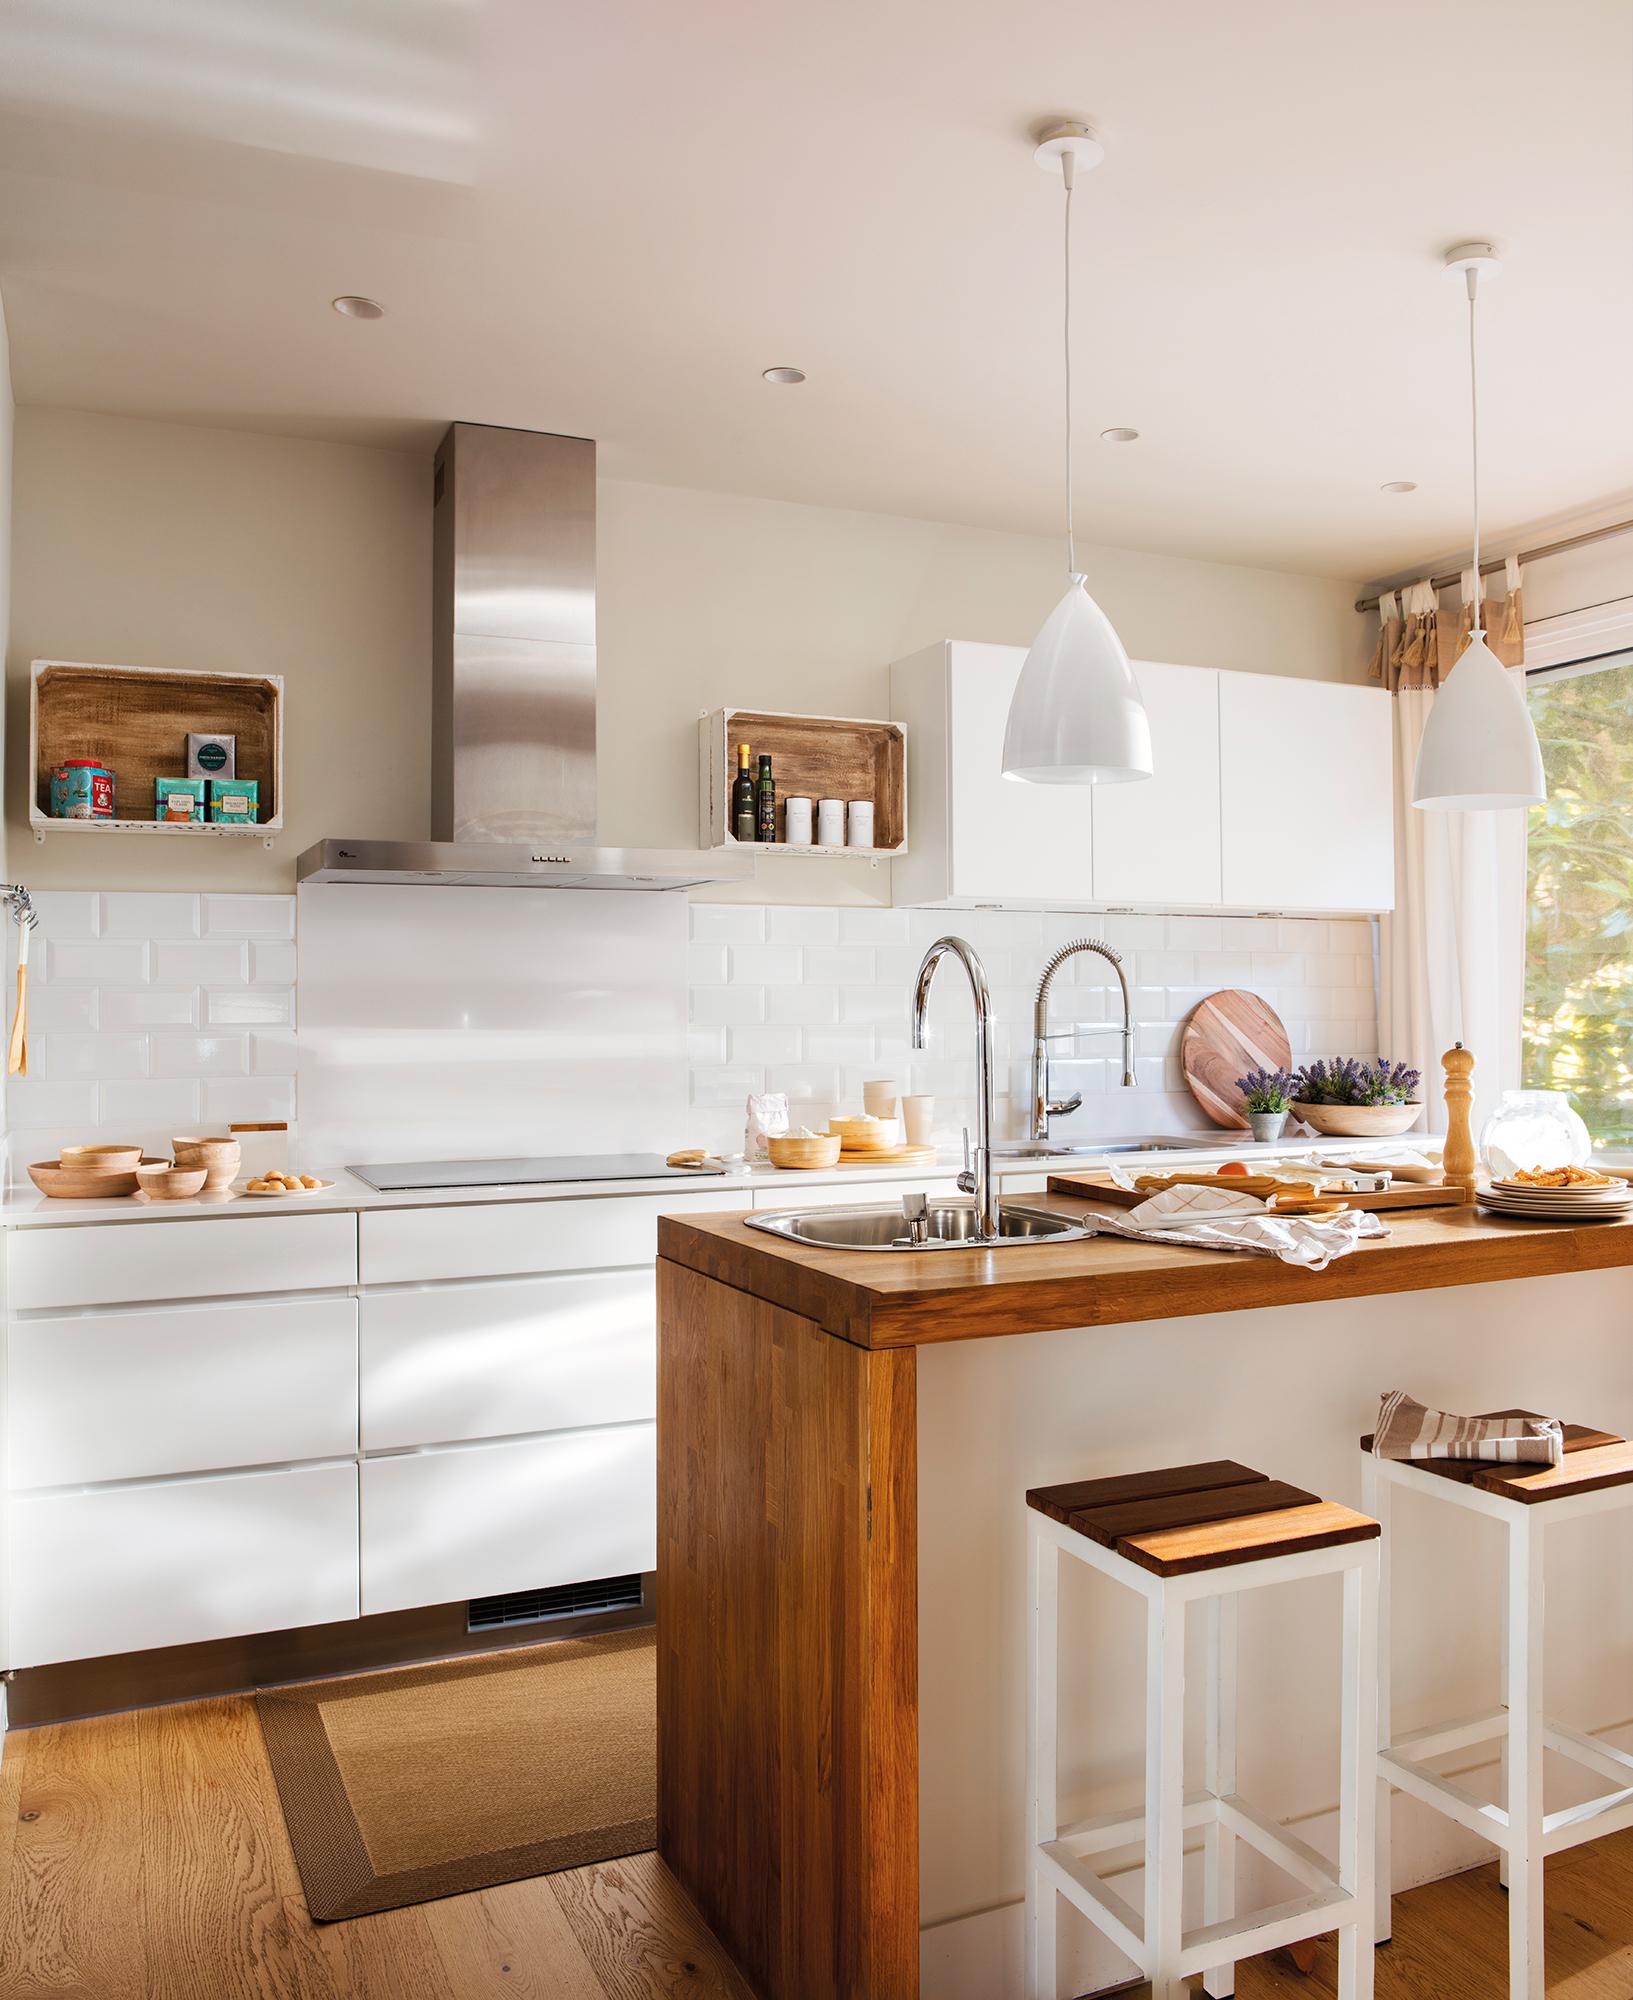 Trucos para elegir las l mparas del hogar el mueble for Cocinas con islas en el medio